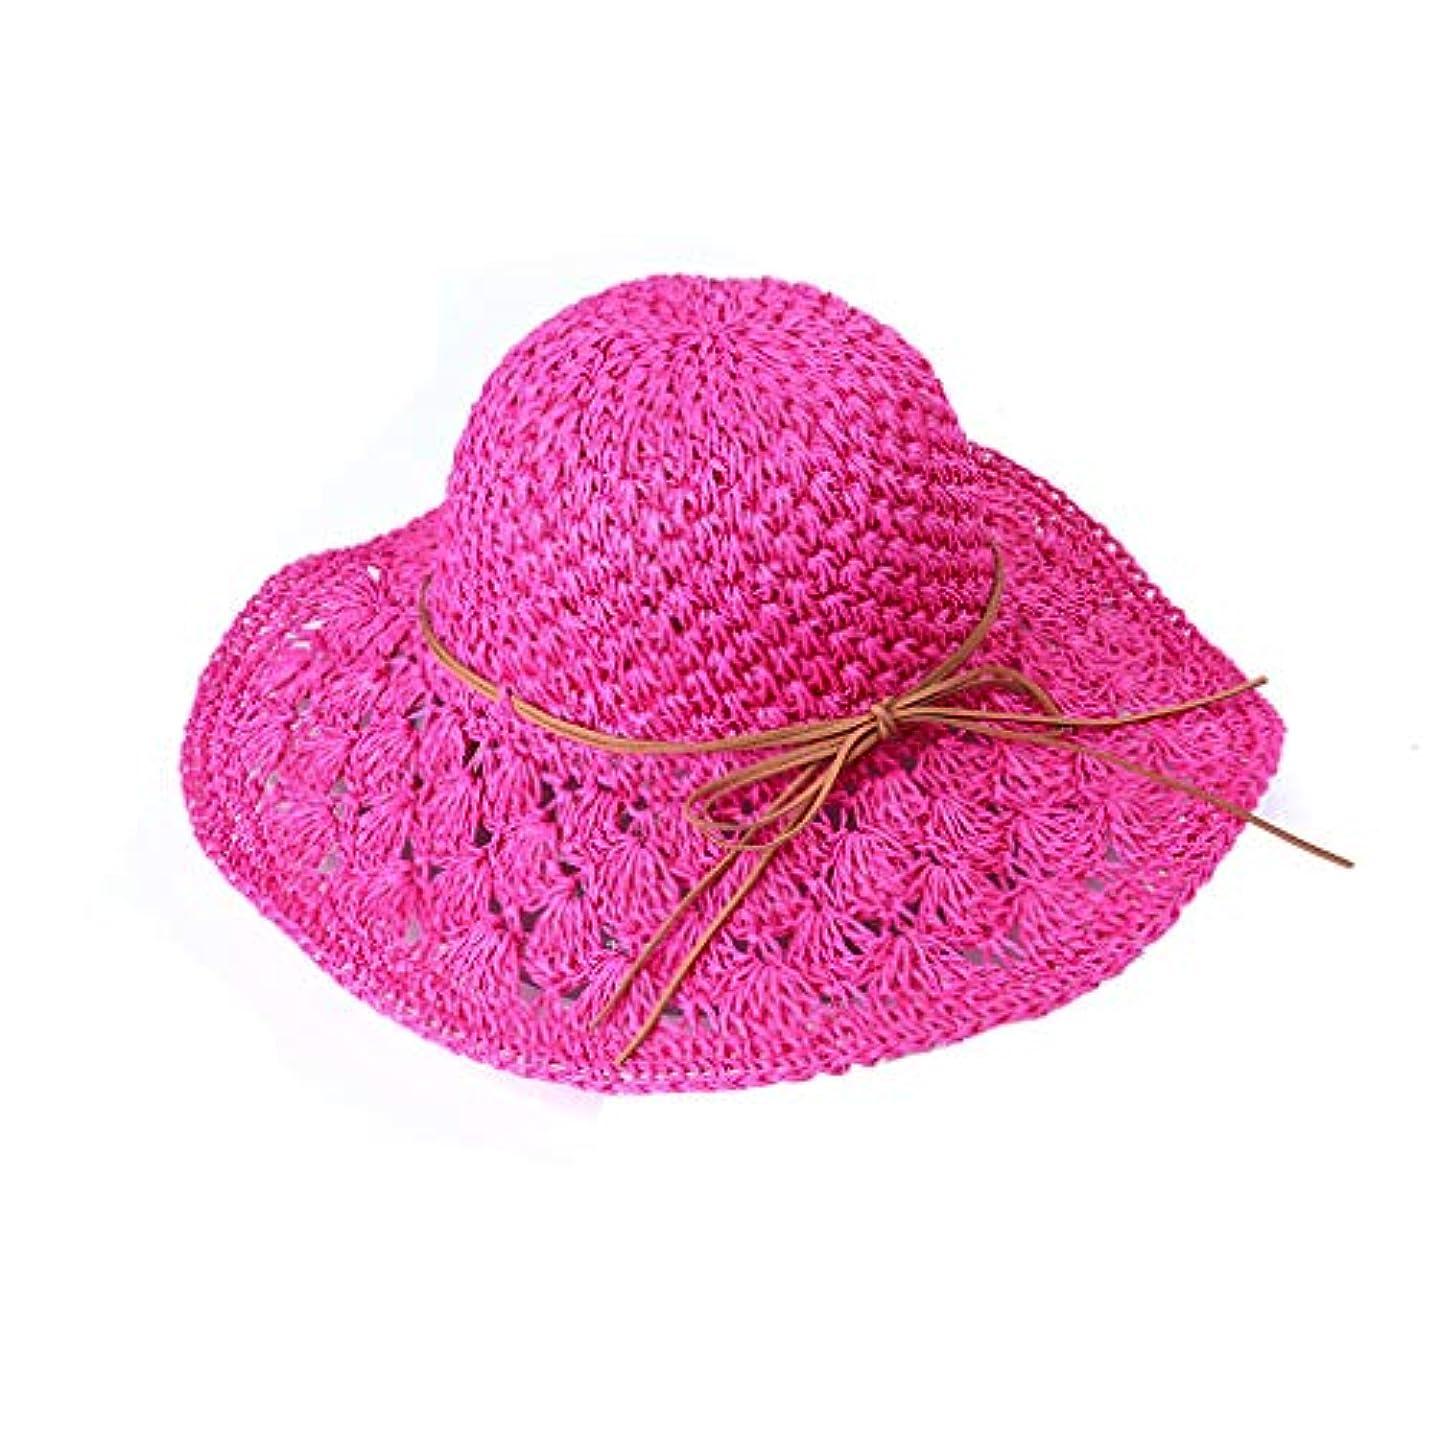 動脈アカデミックアプライアンス帽子 レディース UVカット uv帽 熱中症予防 広幅 取り外すあご紐 スナップ収納 折りたたみ つば広 調節テープ 吸汗通気 つば広 紫外線カット サファリハット 紫外線対策 おしゃれ 高級感 ROSE ROMAN